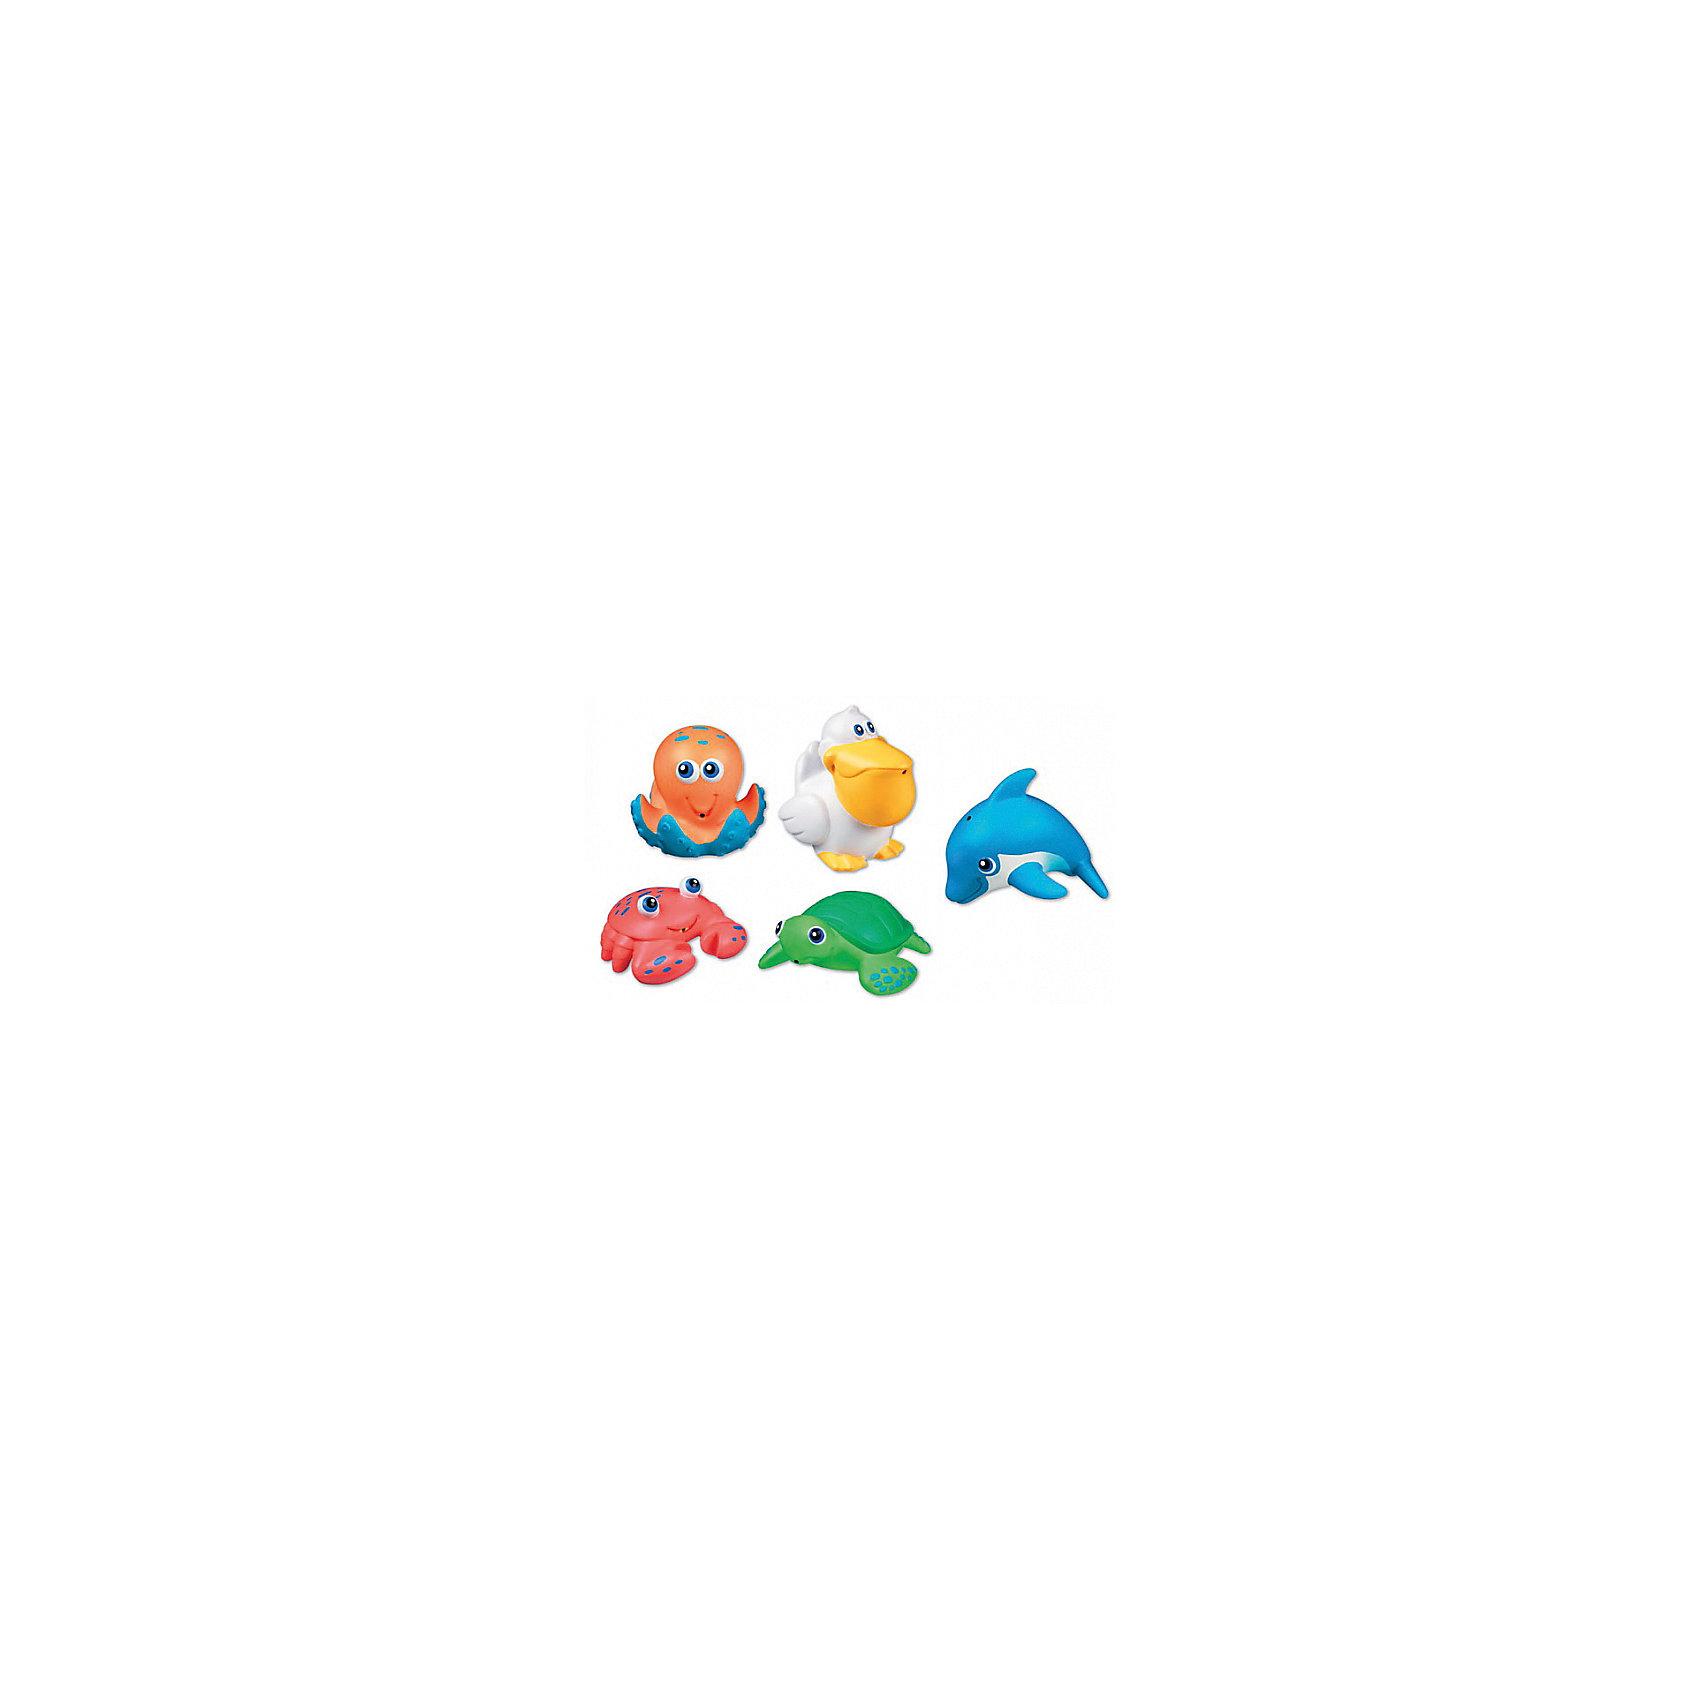 Игрушки для ванной Морские животные  5шт, MunchkinИгрушки для ванной Морские животные  5шт, Munchkin (Манчкин) – эта игрушка доставит малышу немало веселых минут во время купания!<br>Игрушки для ванной Munchkin (Манчкин) Морские животные непременно понравится вашему ребенку и превратит купание в веселую игру! Набор включает в себя пять игрушек в форме краба, дельфина, пеликана, осьминога и черепашки. Яркие игрушки выполнены из мягкого безопасного материала и приятны на ощупь. Если сначала набрать воду в игрушки, а потом нажать на них, то изо рта брызнет тонкая струя воды, что, несомненно, развеселит вашего малыша. Игрушки для ванной Морские животные способствует развитию воображения, цветового восприятия, тактильных ощущений и мелкой моторики рук.<br><br>Дополнительная информация:<br><br>- В комплекте: 5 игрушек-брызгалок<br>- Материал: ПВХ (поливинилхлорид)<br>- Размер упаковки: 7 х 16 х 18 см.<br>- Вес: 150 г.<br><br>Игрушки для ванной Морские животные  5шт, Munchkin (Манчкин) можно купить в нашем интернет-магазине.<br><br>Ширина мм: 70<br>Глубина мм: 160<br>Высота мм: 180<br>Вес г: 150<br>Возраст от месяцев: 9<br>Возраст до месяцев: 36<br>Пол: Унисекс<br>Возраст: Детский<br>SKU: 4142379